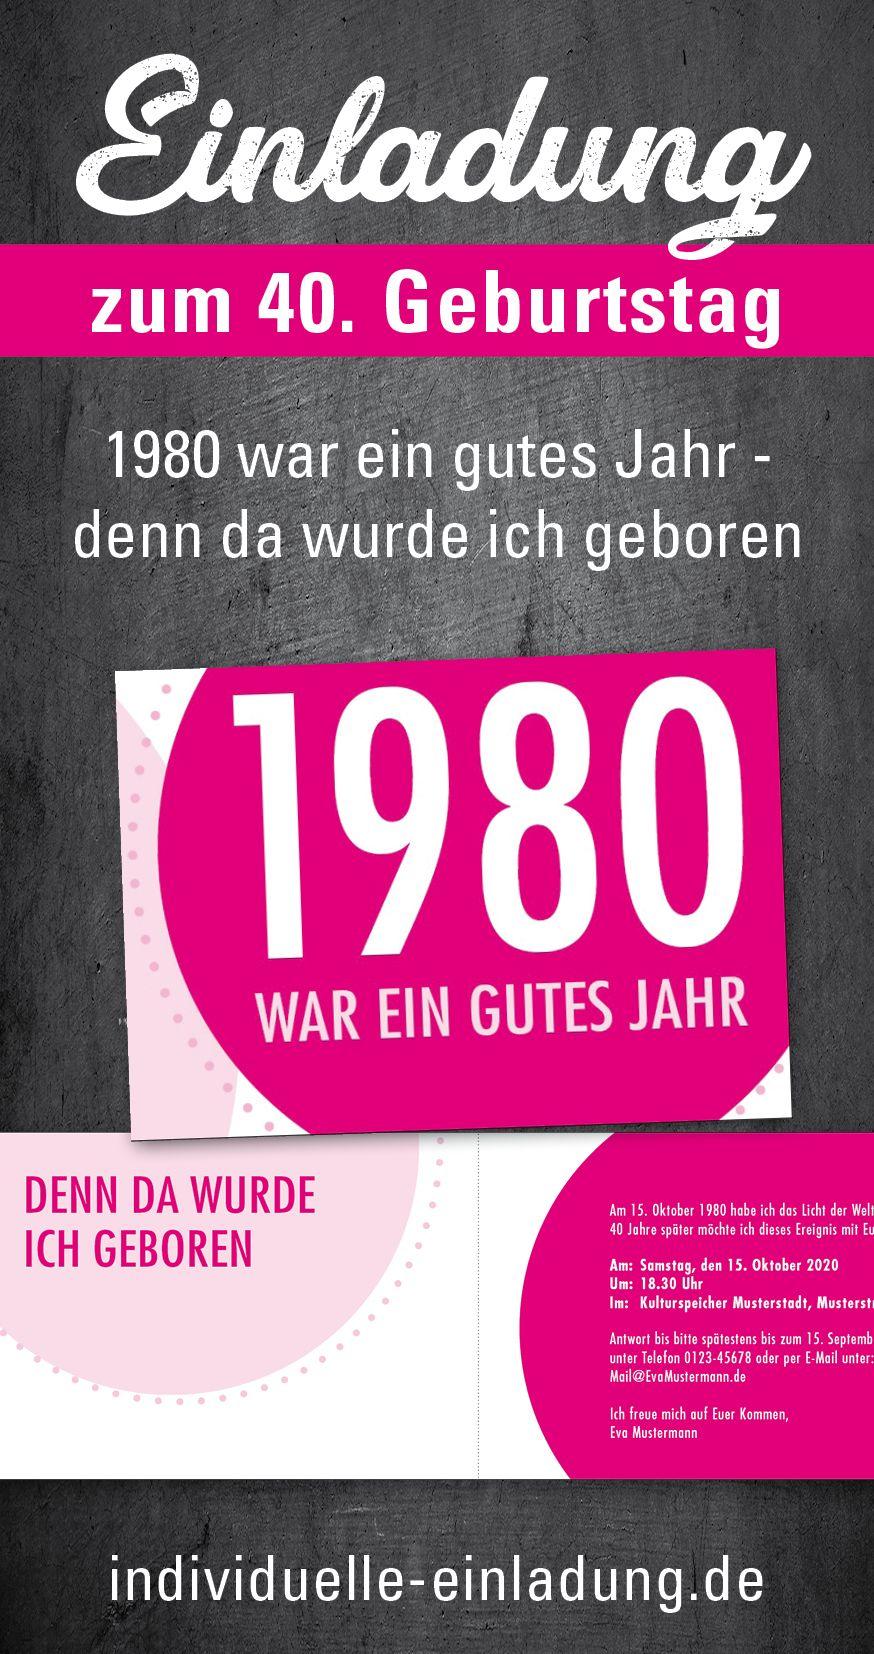 Einladung Zum 40 Geburtstag 1980 War Ein Gutes Jahr Denn Da